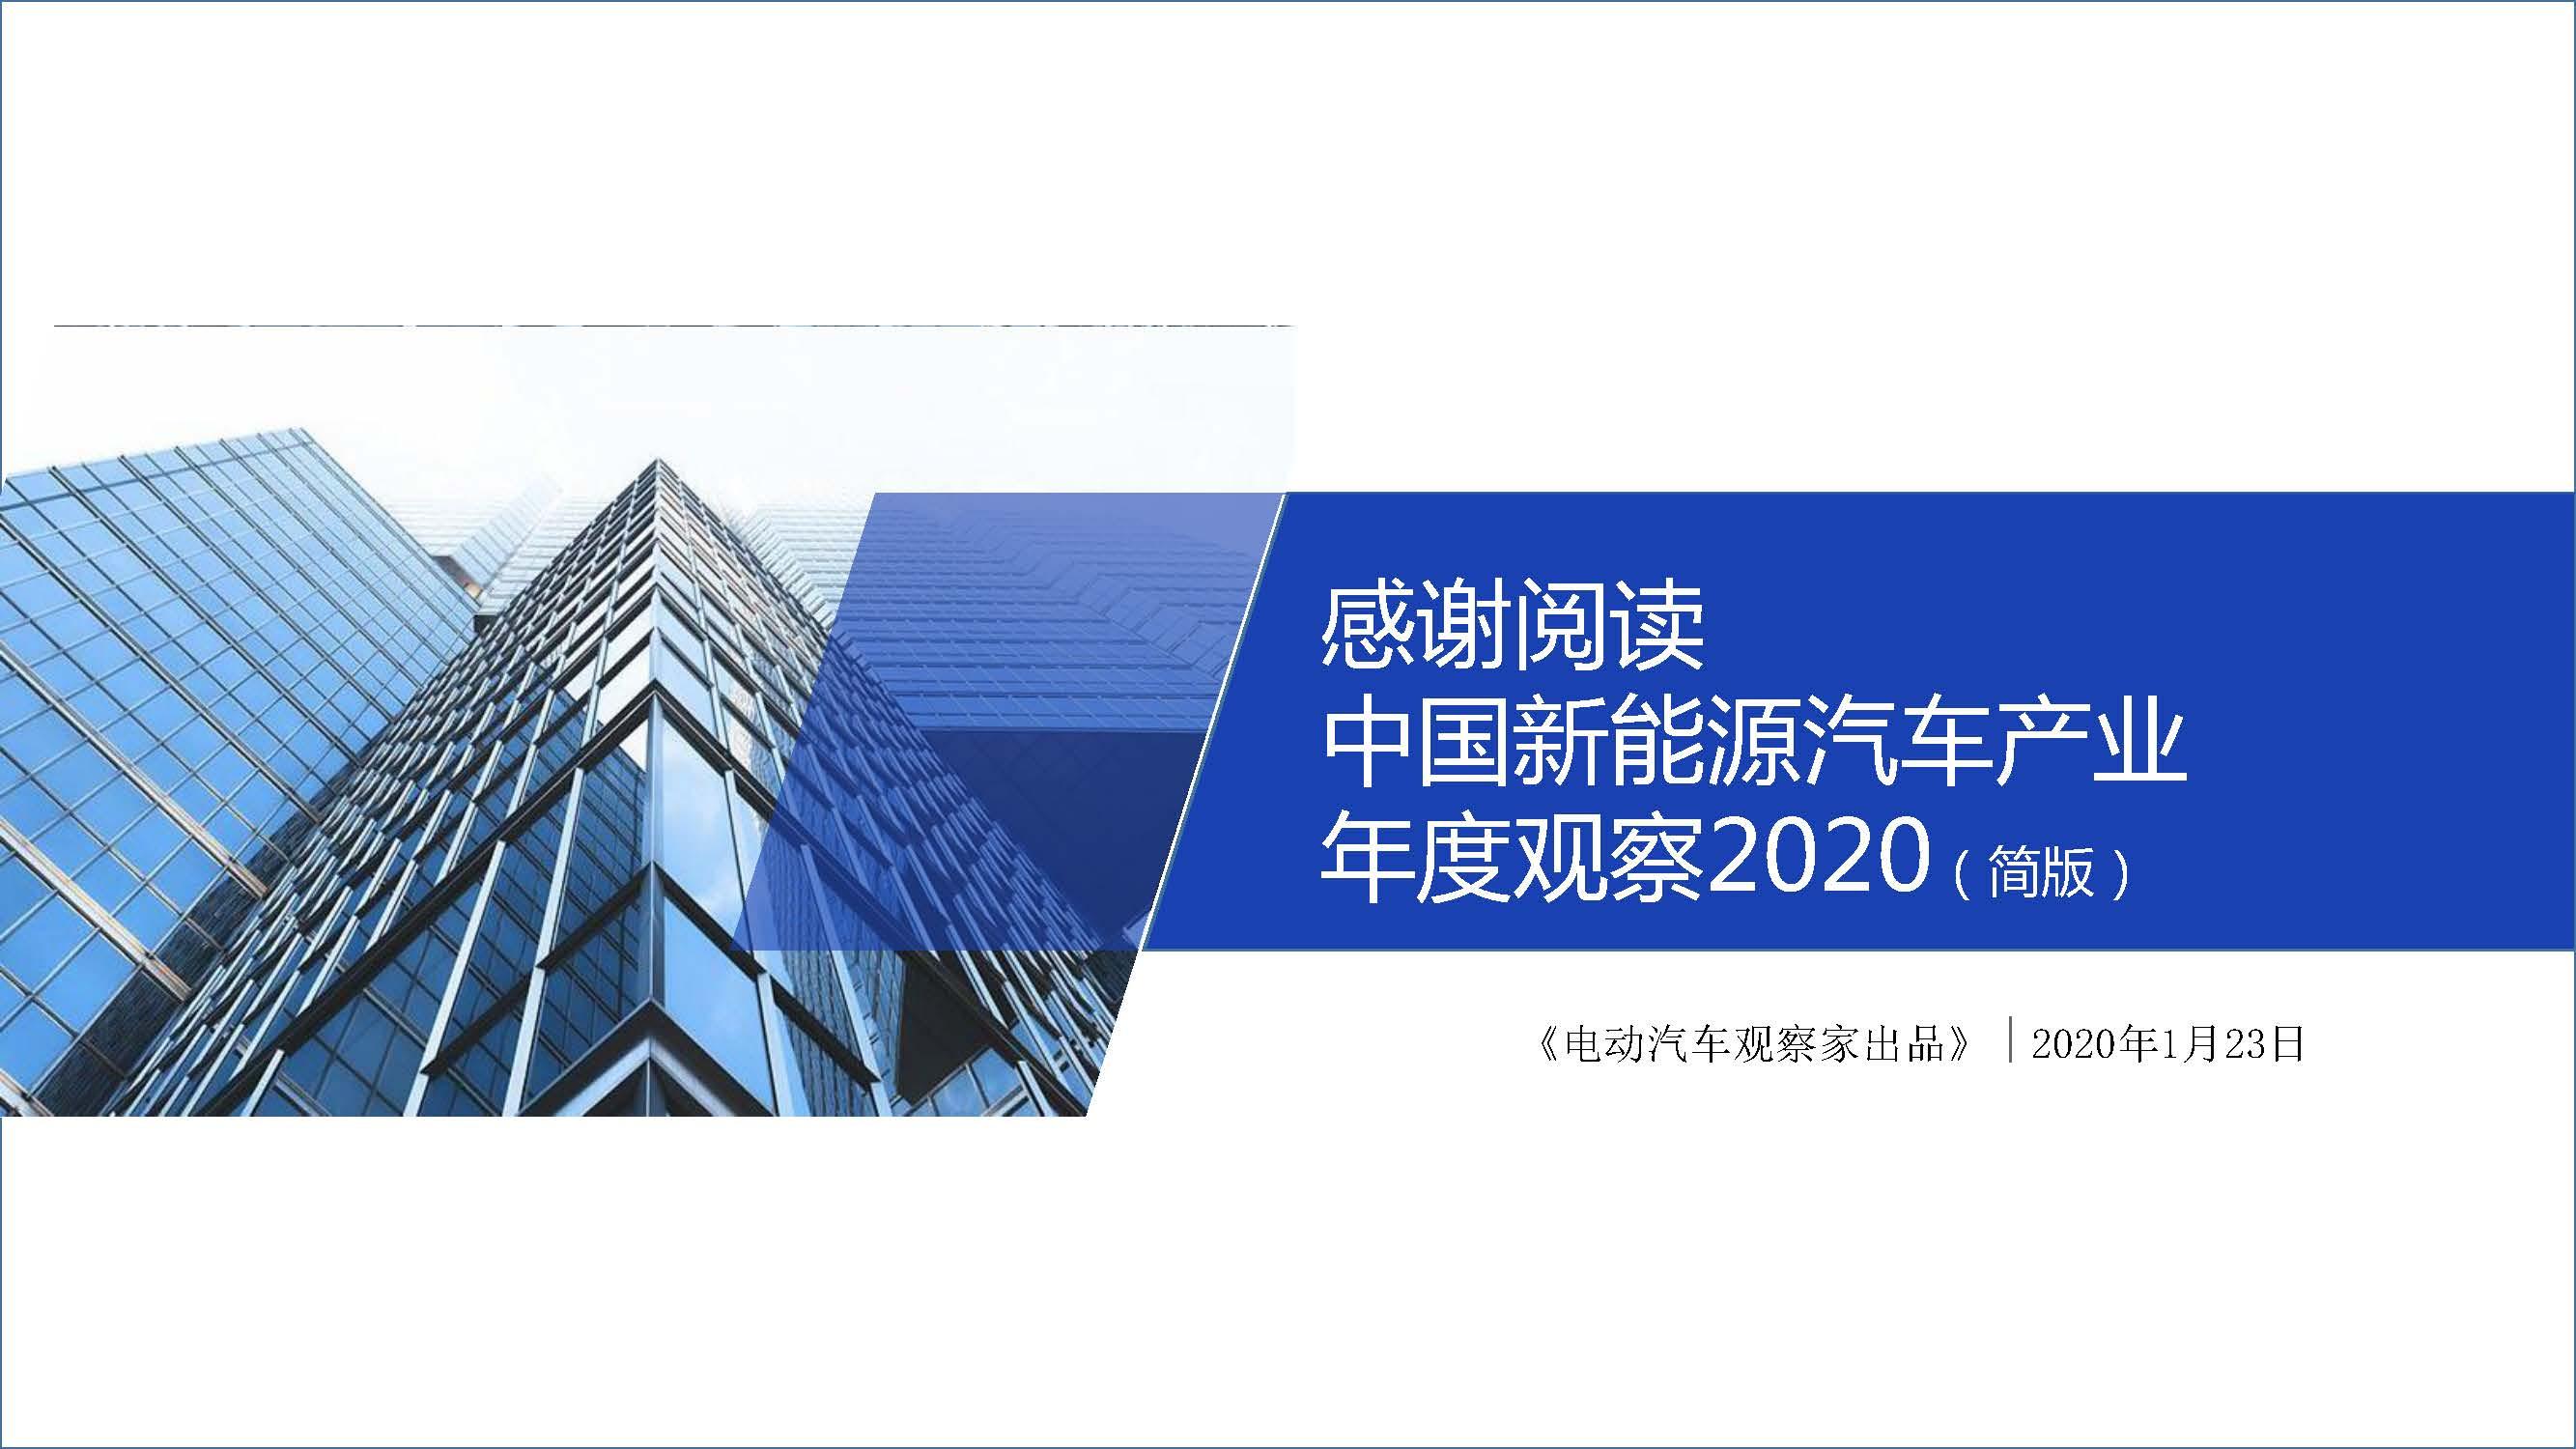 中国新能源汽车产业年度观察2020 简版_页面_54